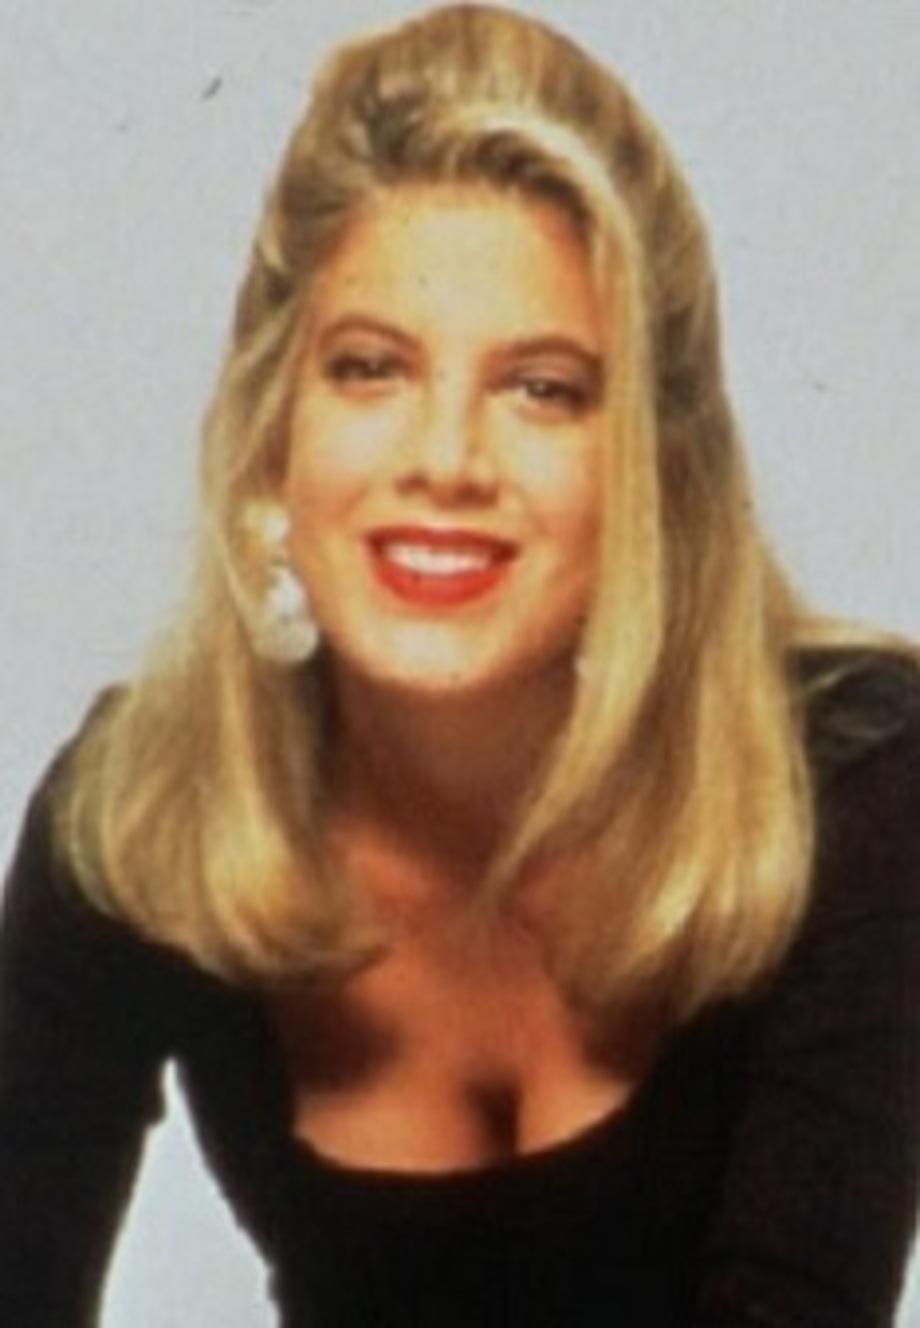 Beverly Hills\' har 25 års jubilæum: Her er skuespillerne i dag - TV 2